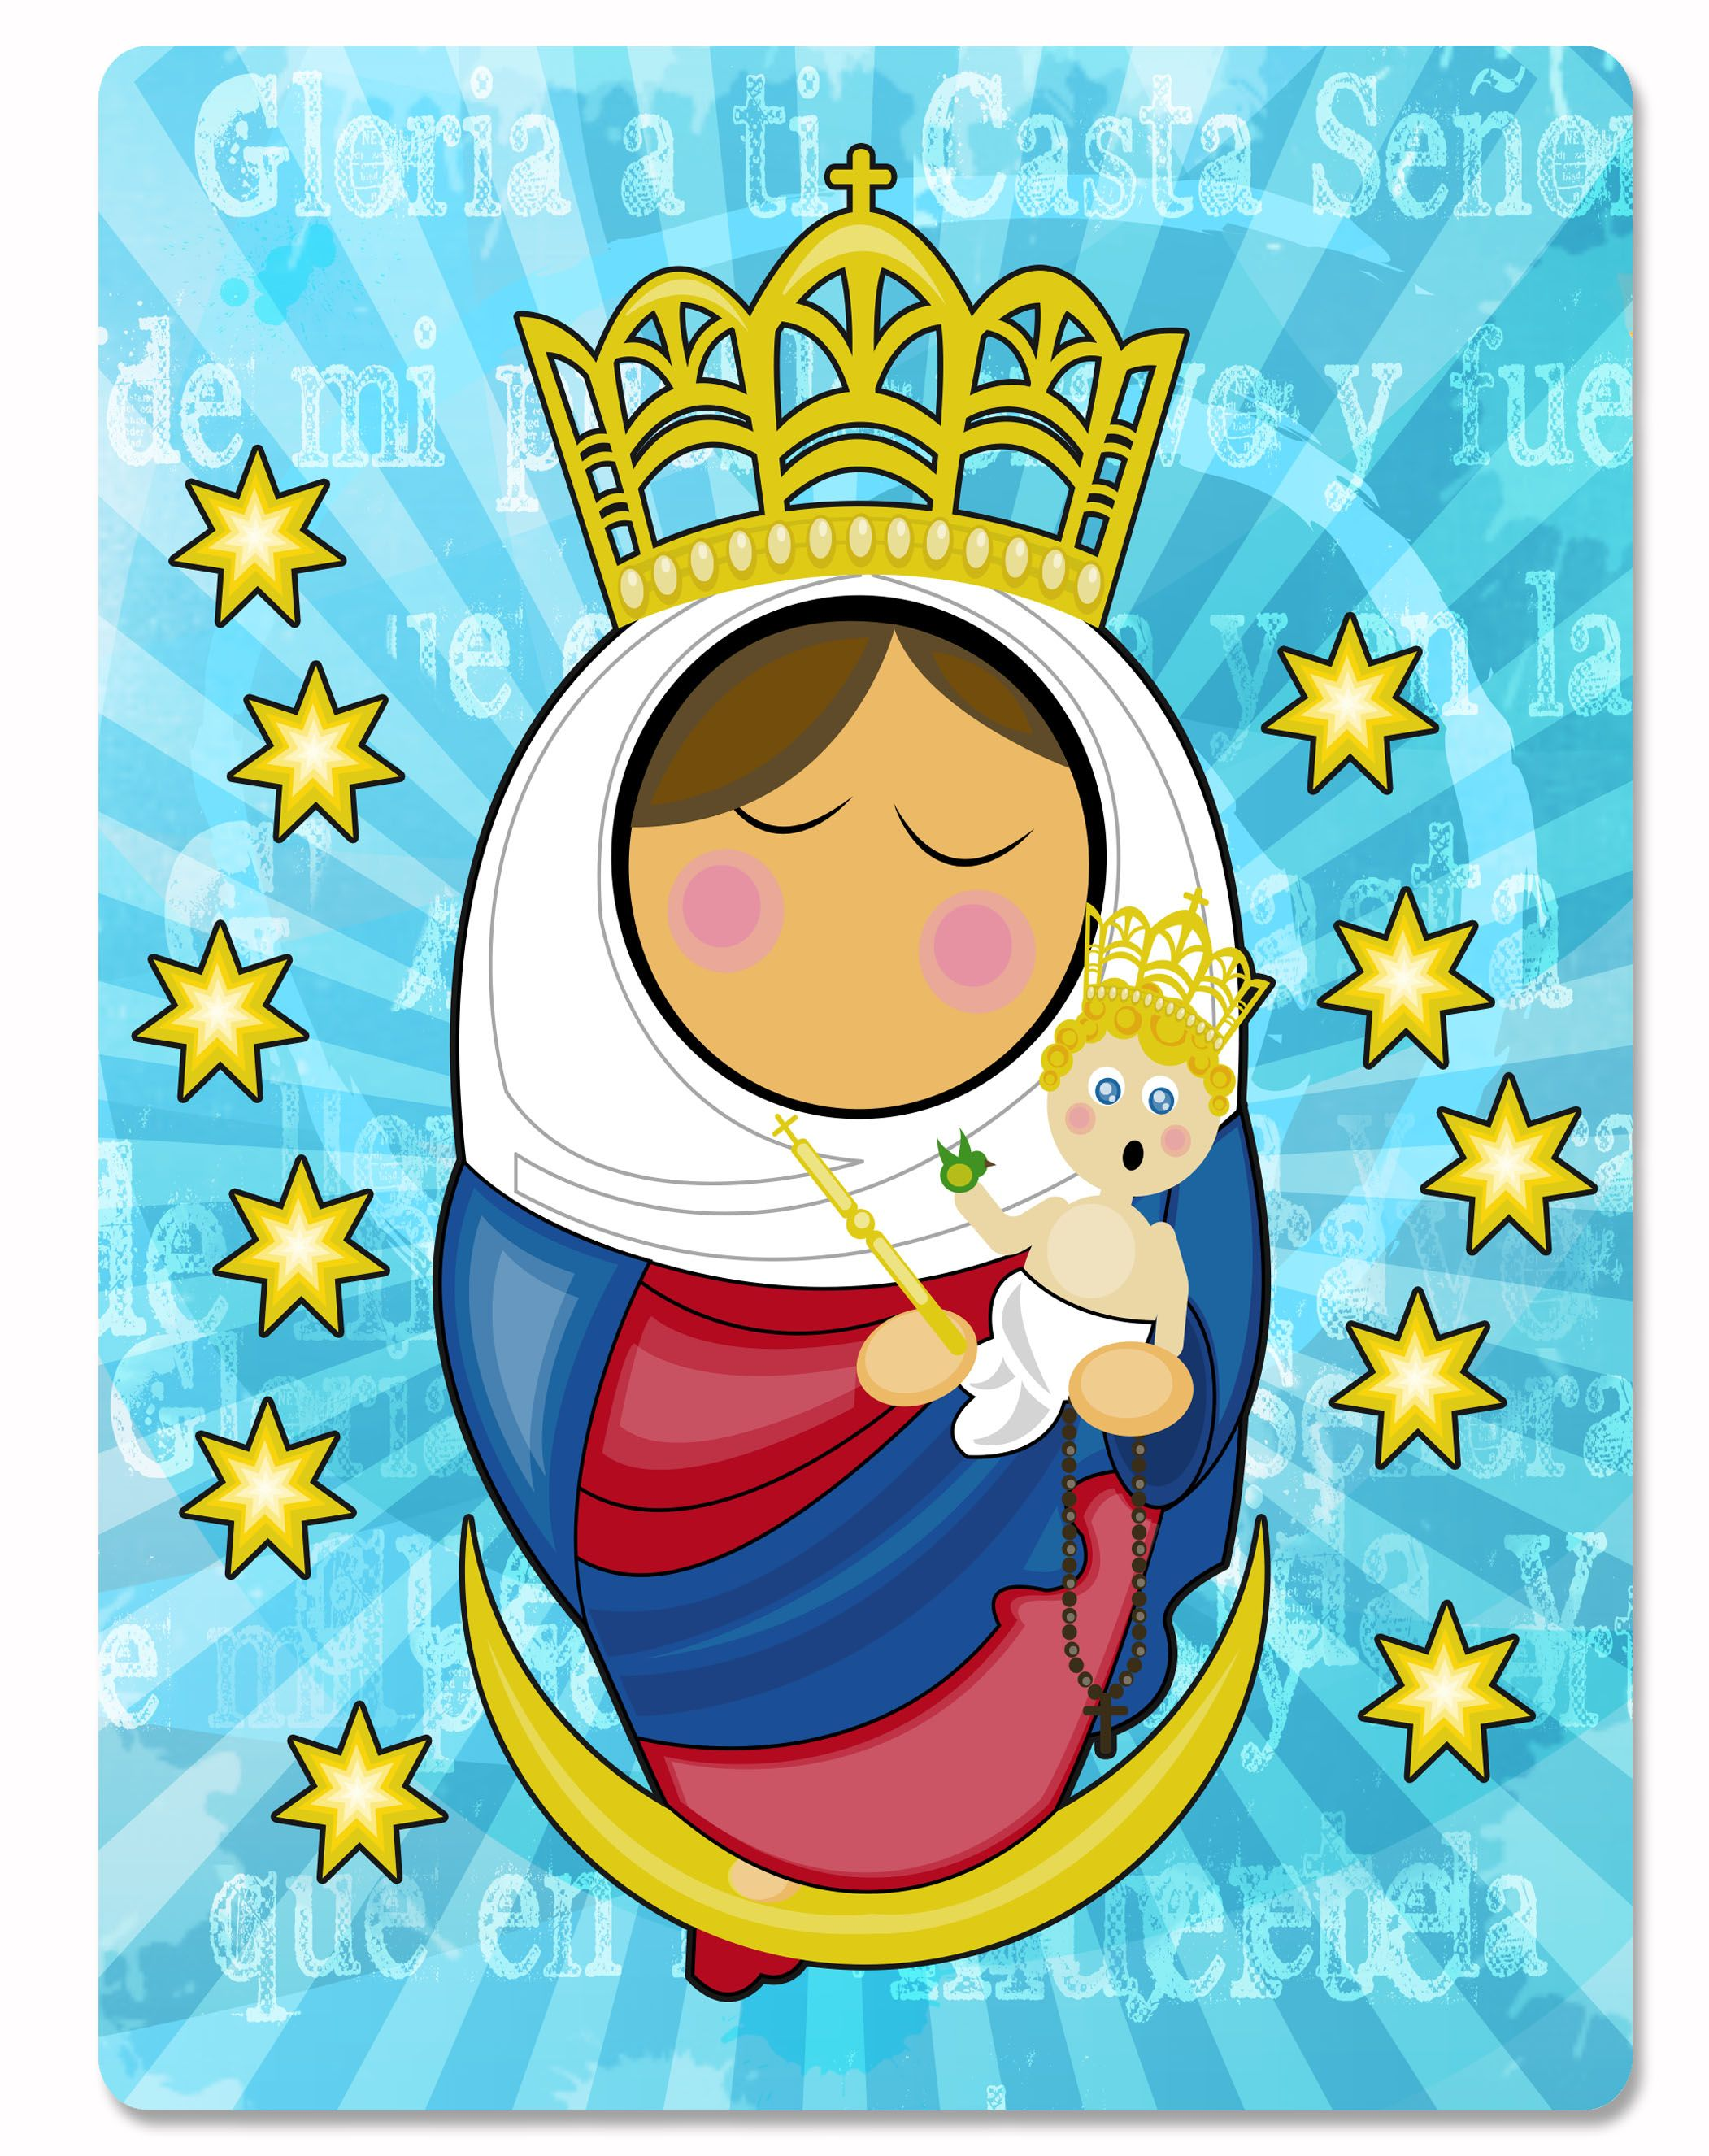 Ilustraciones realizadas en Adobe Illustrator y Photoshop. Diseño de la Virgen de Chiquinquirá.